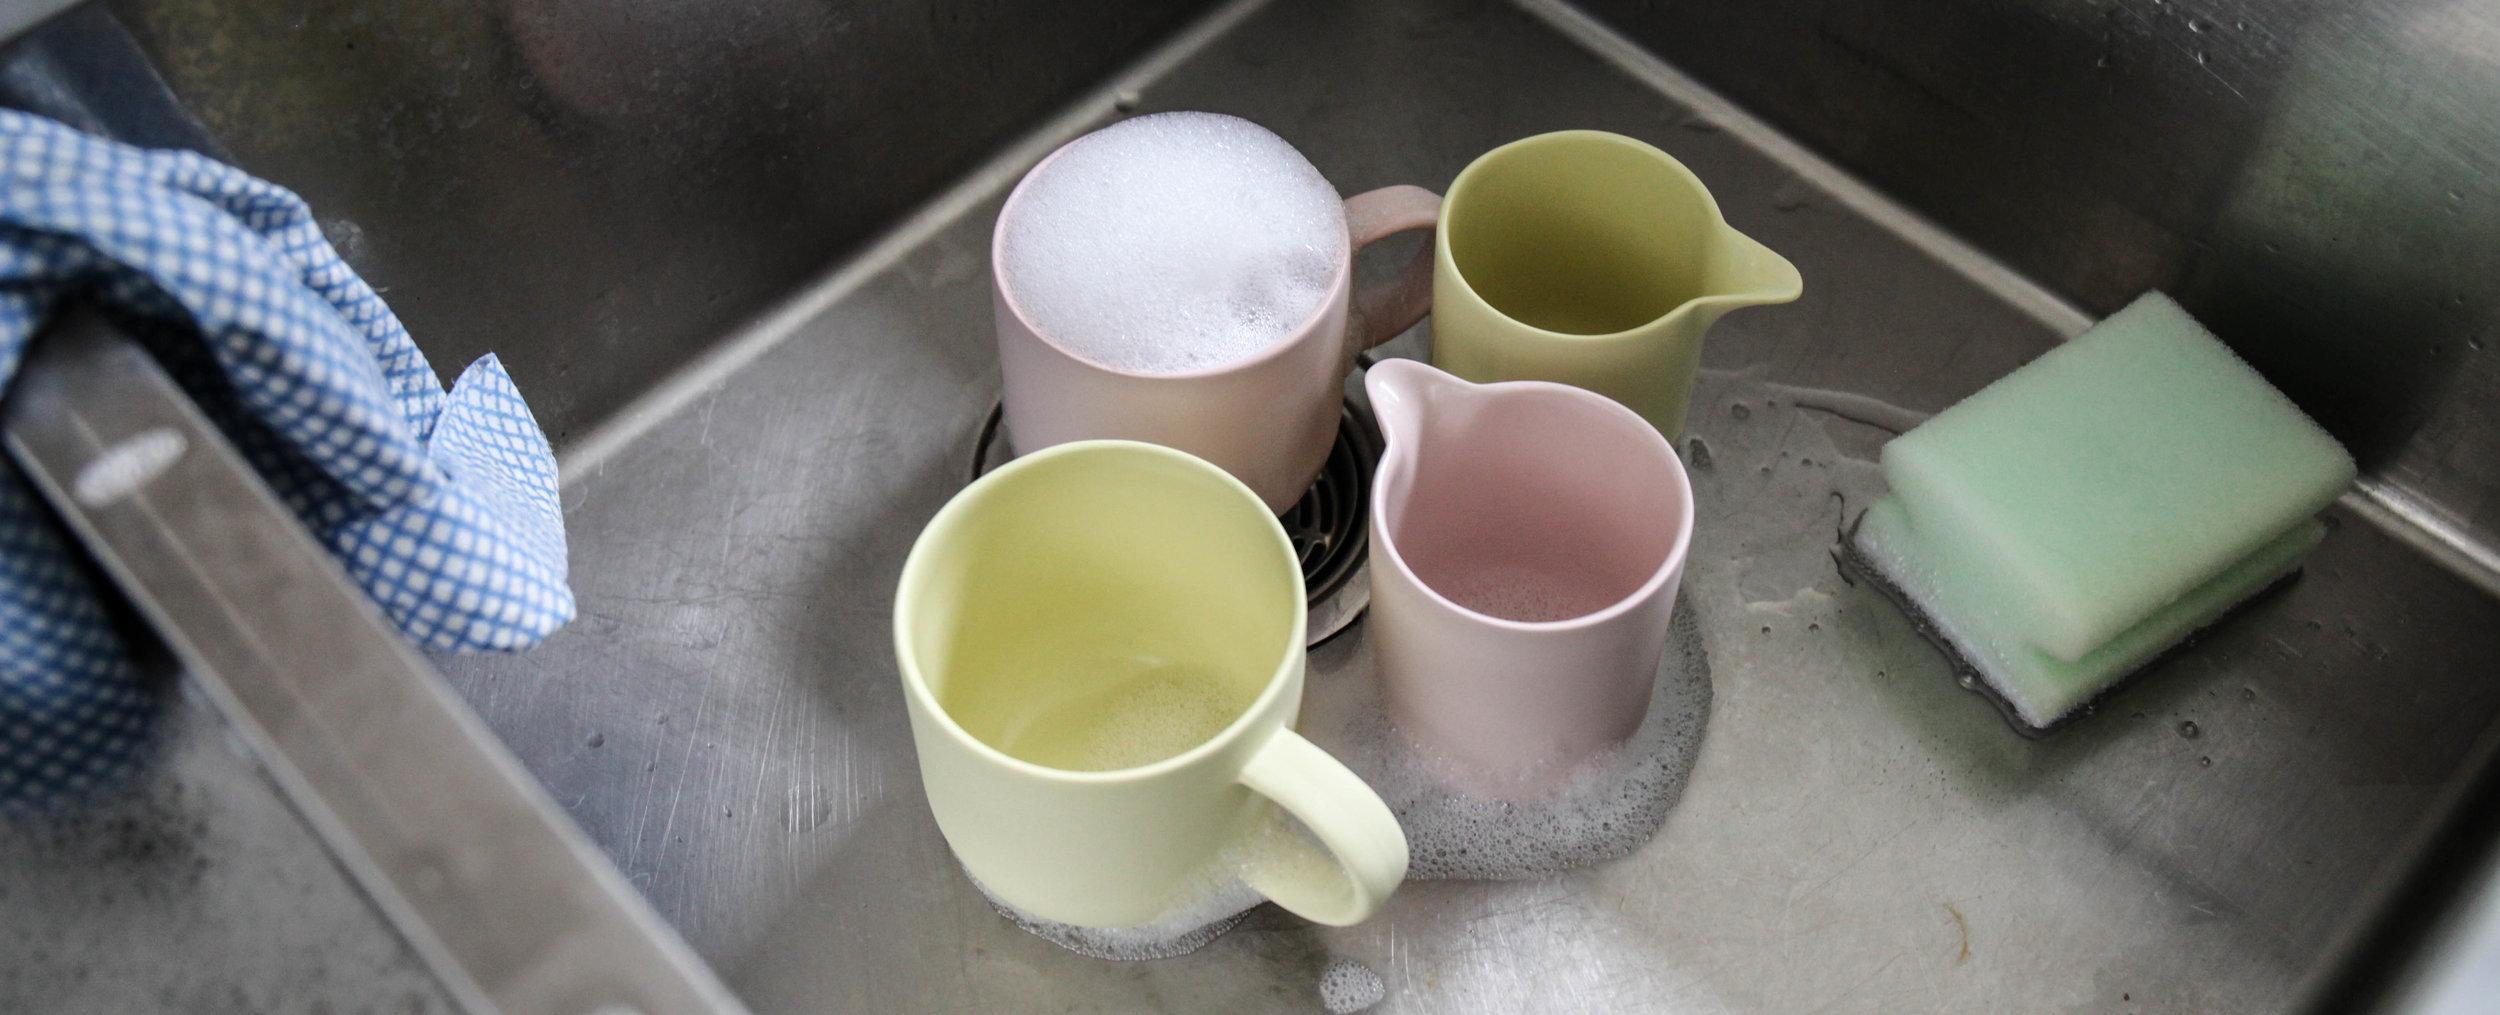 mugs in sink.jpg